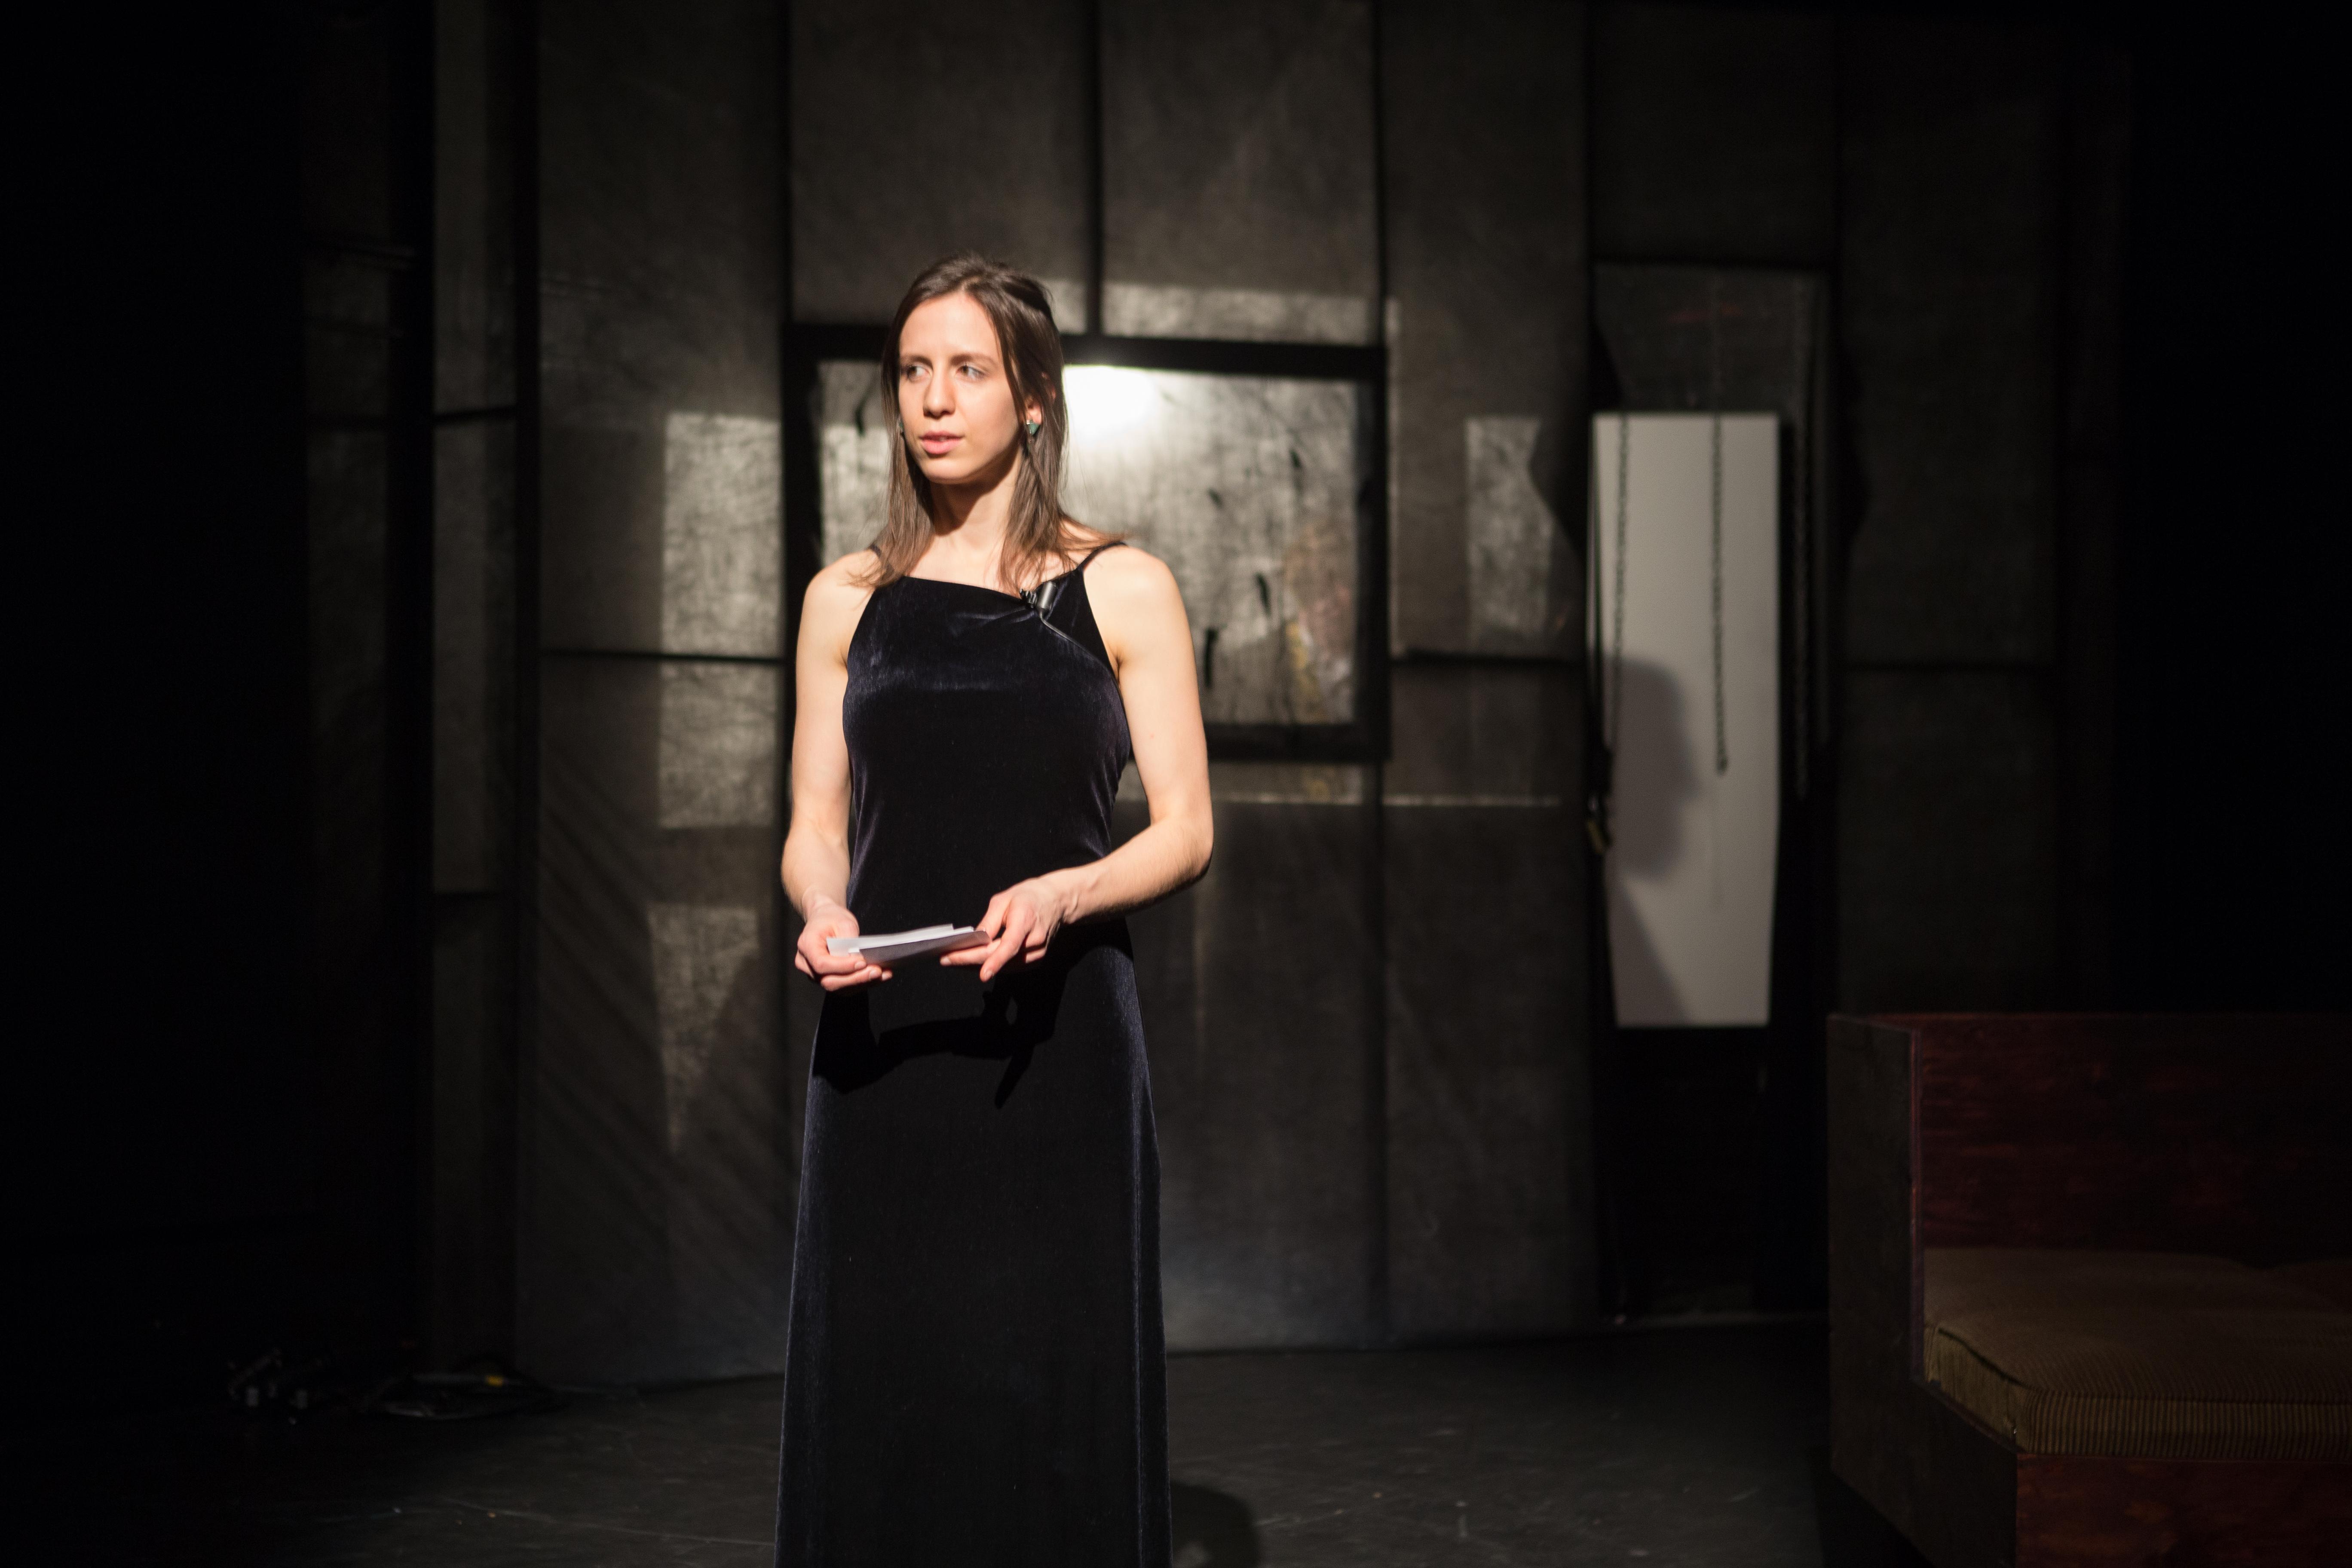 Alicia Crowley as Robbie